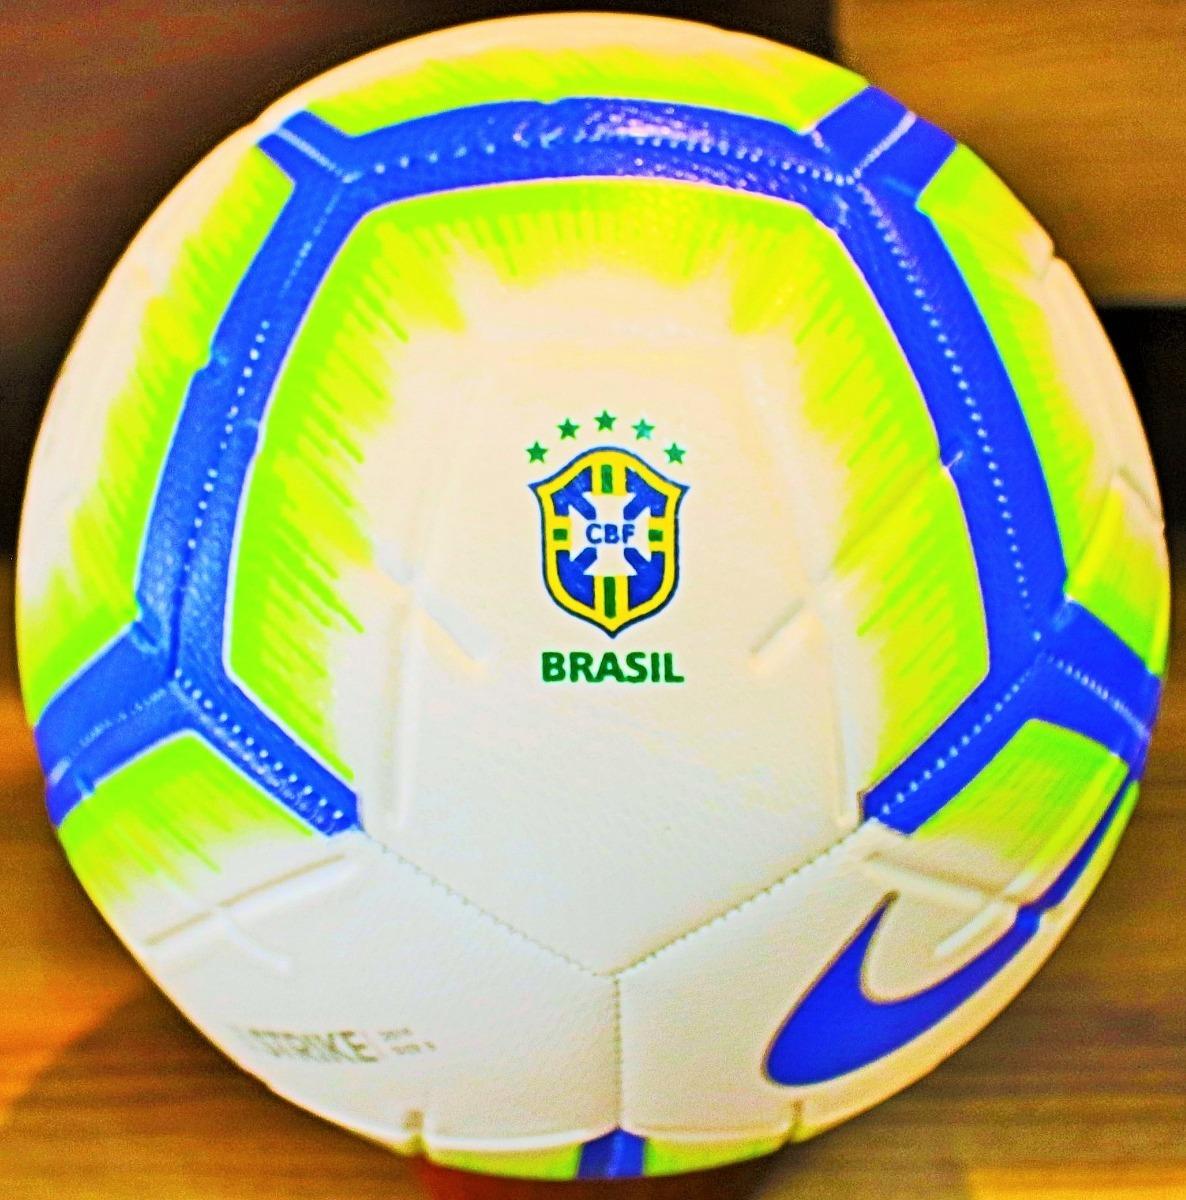 d7f8f7ba4 Nova Bola Nike Brasileirão 2019 Tamanho Oficial De Jogo - R  119